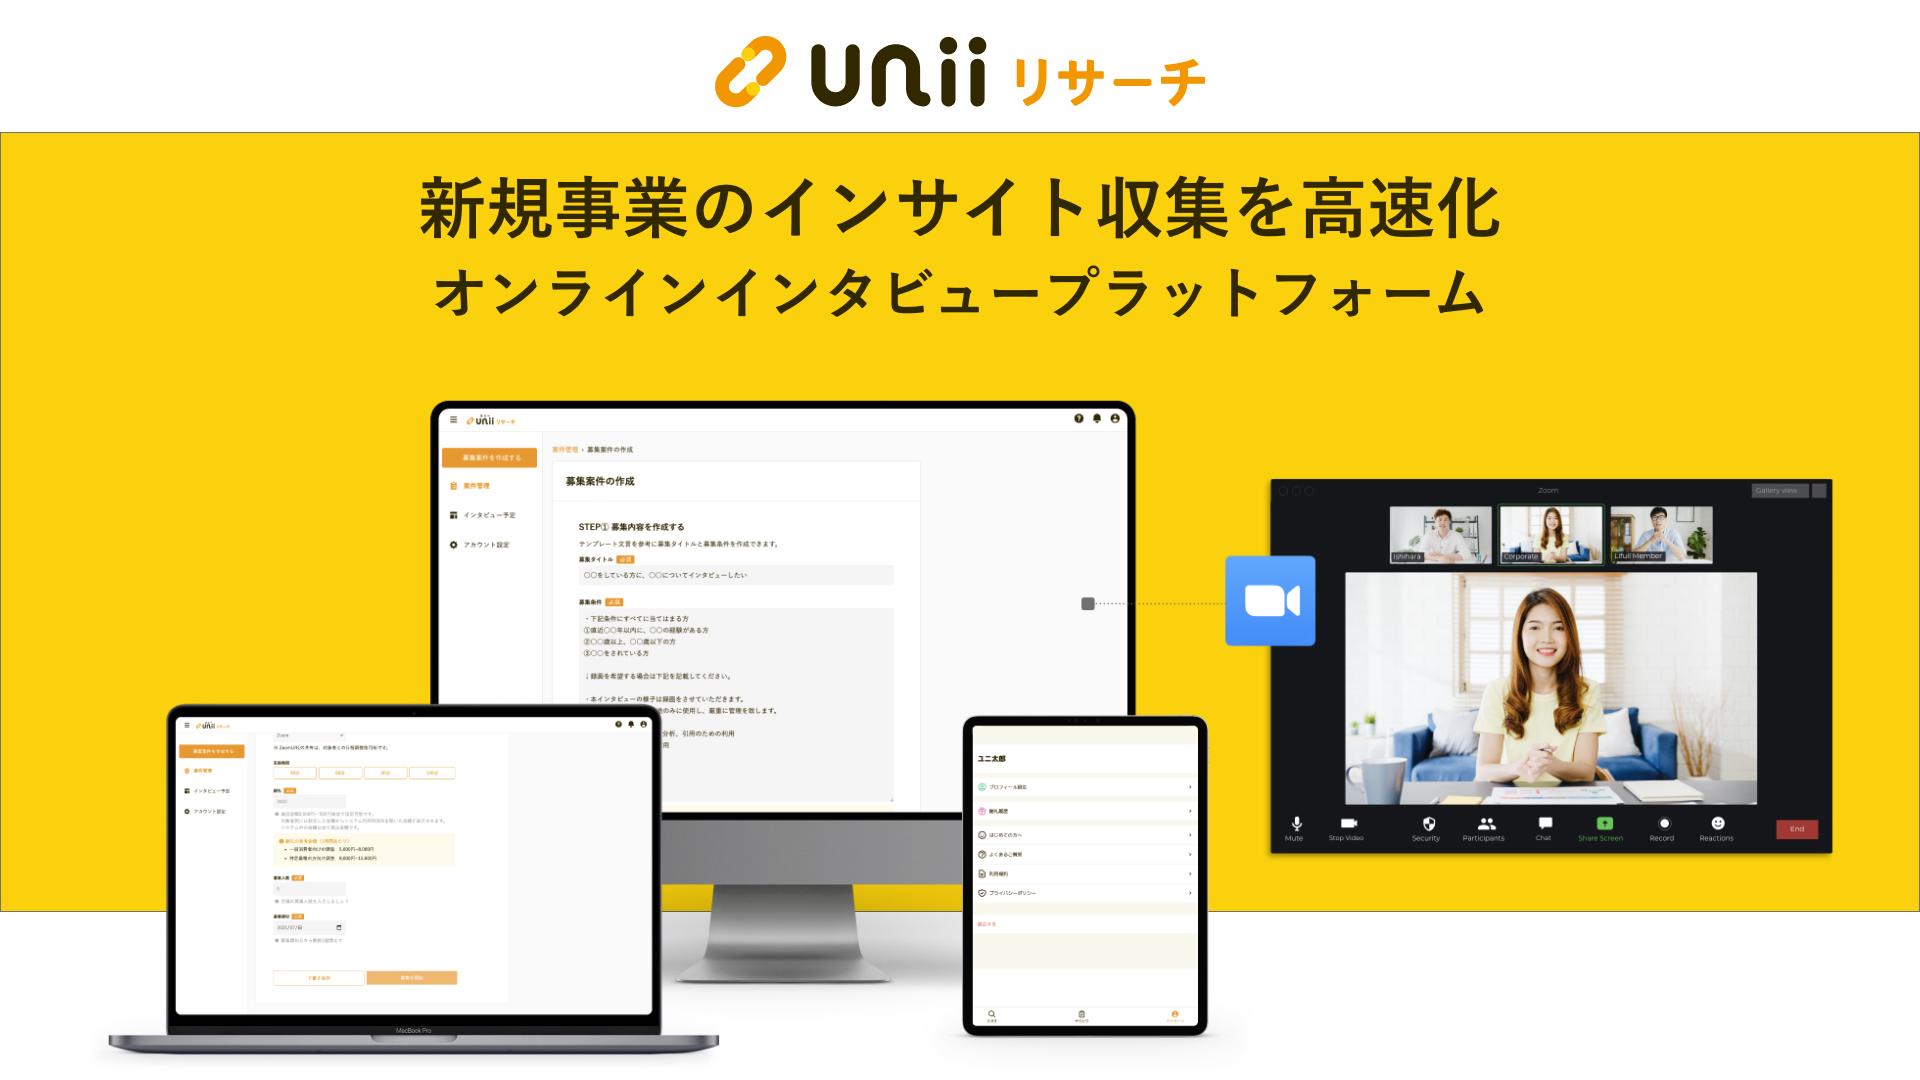 事業開発に挑戦する人を応援するオンラインインタビュープラットフォーム「uniiリサーチ(β版)」提供開始